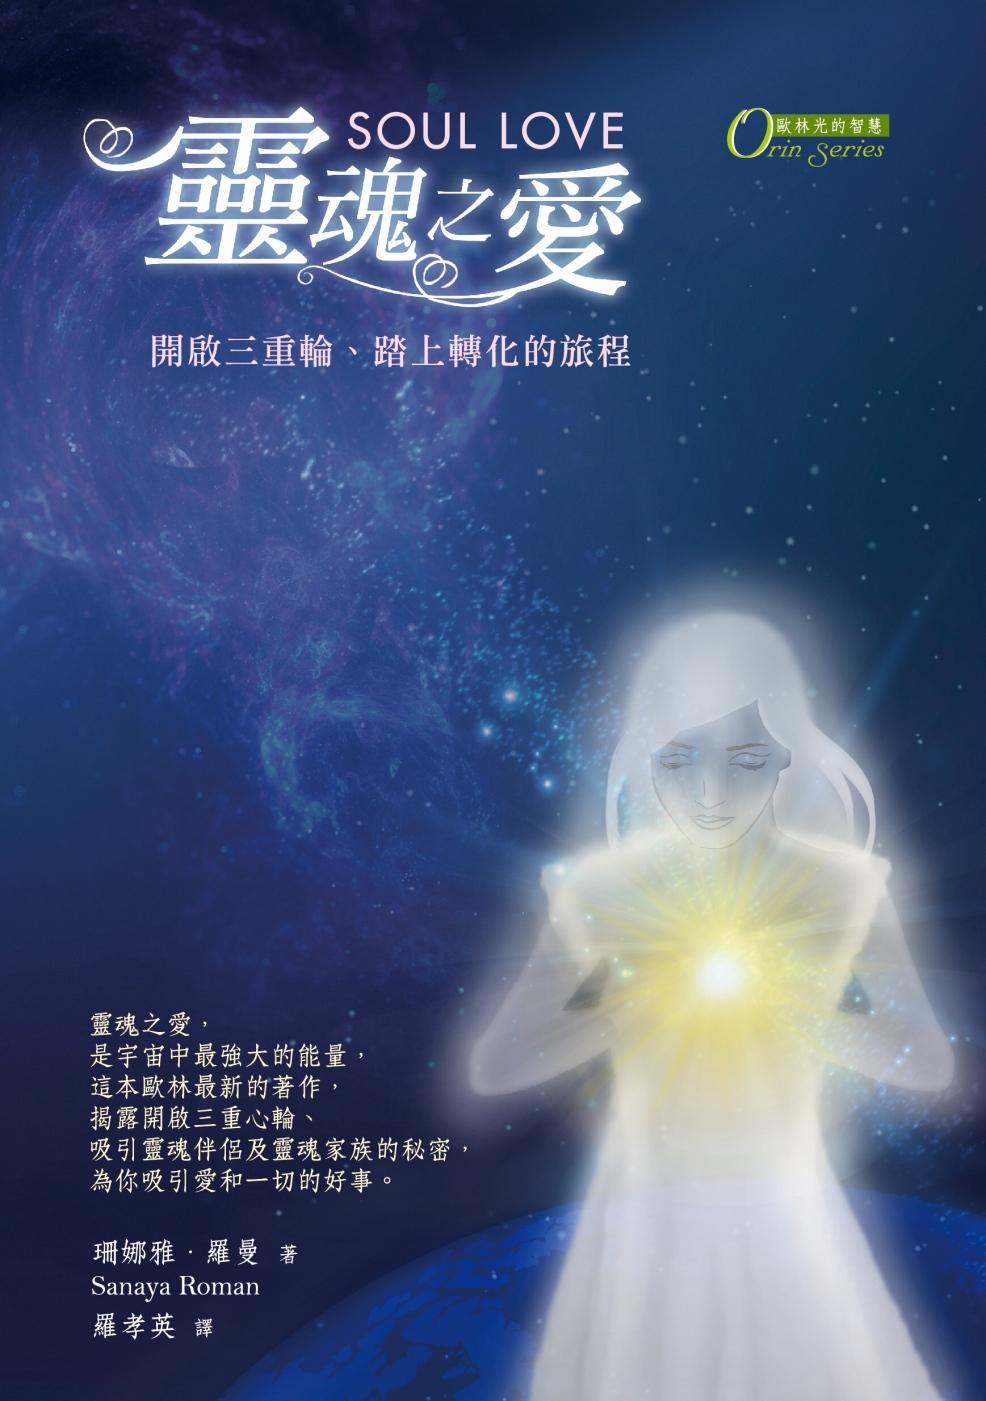 靈魂之愛:開啟三重心輪、踏上轉化的旅程(二版)